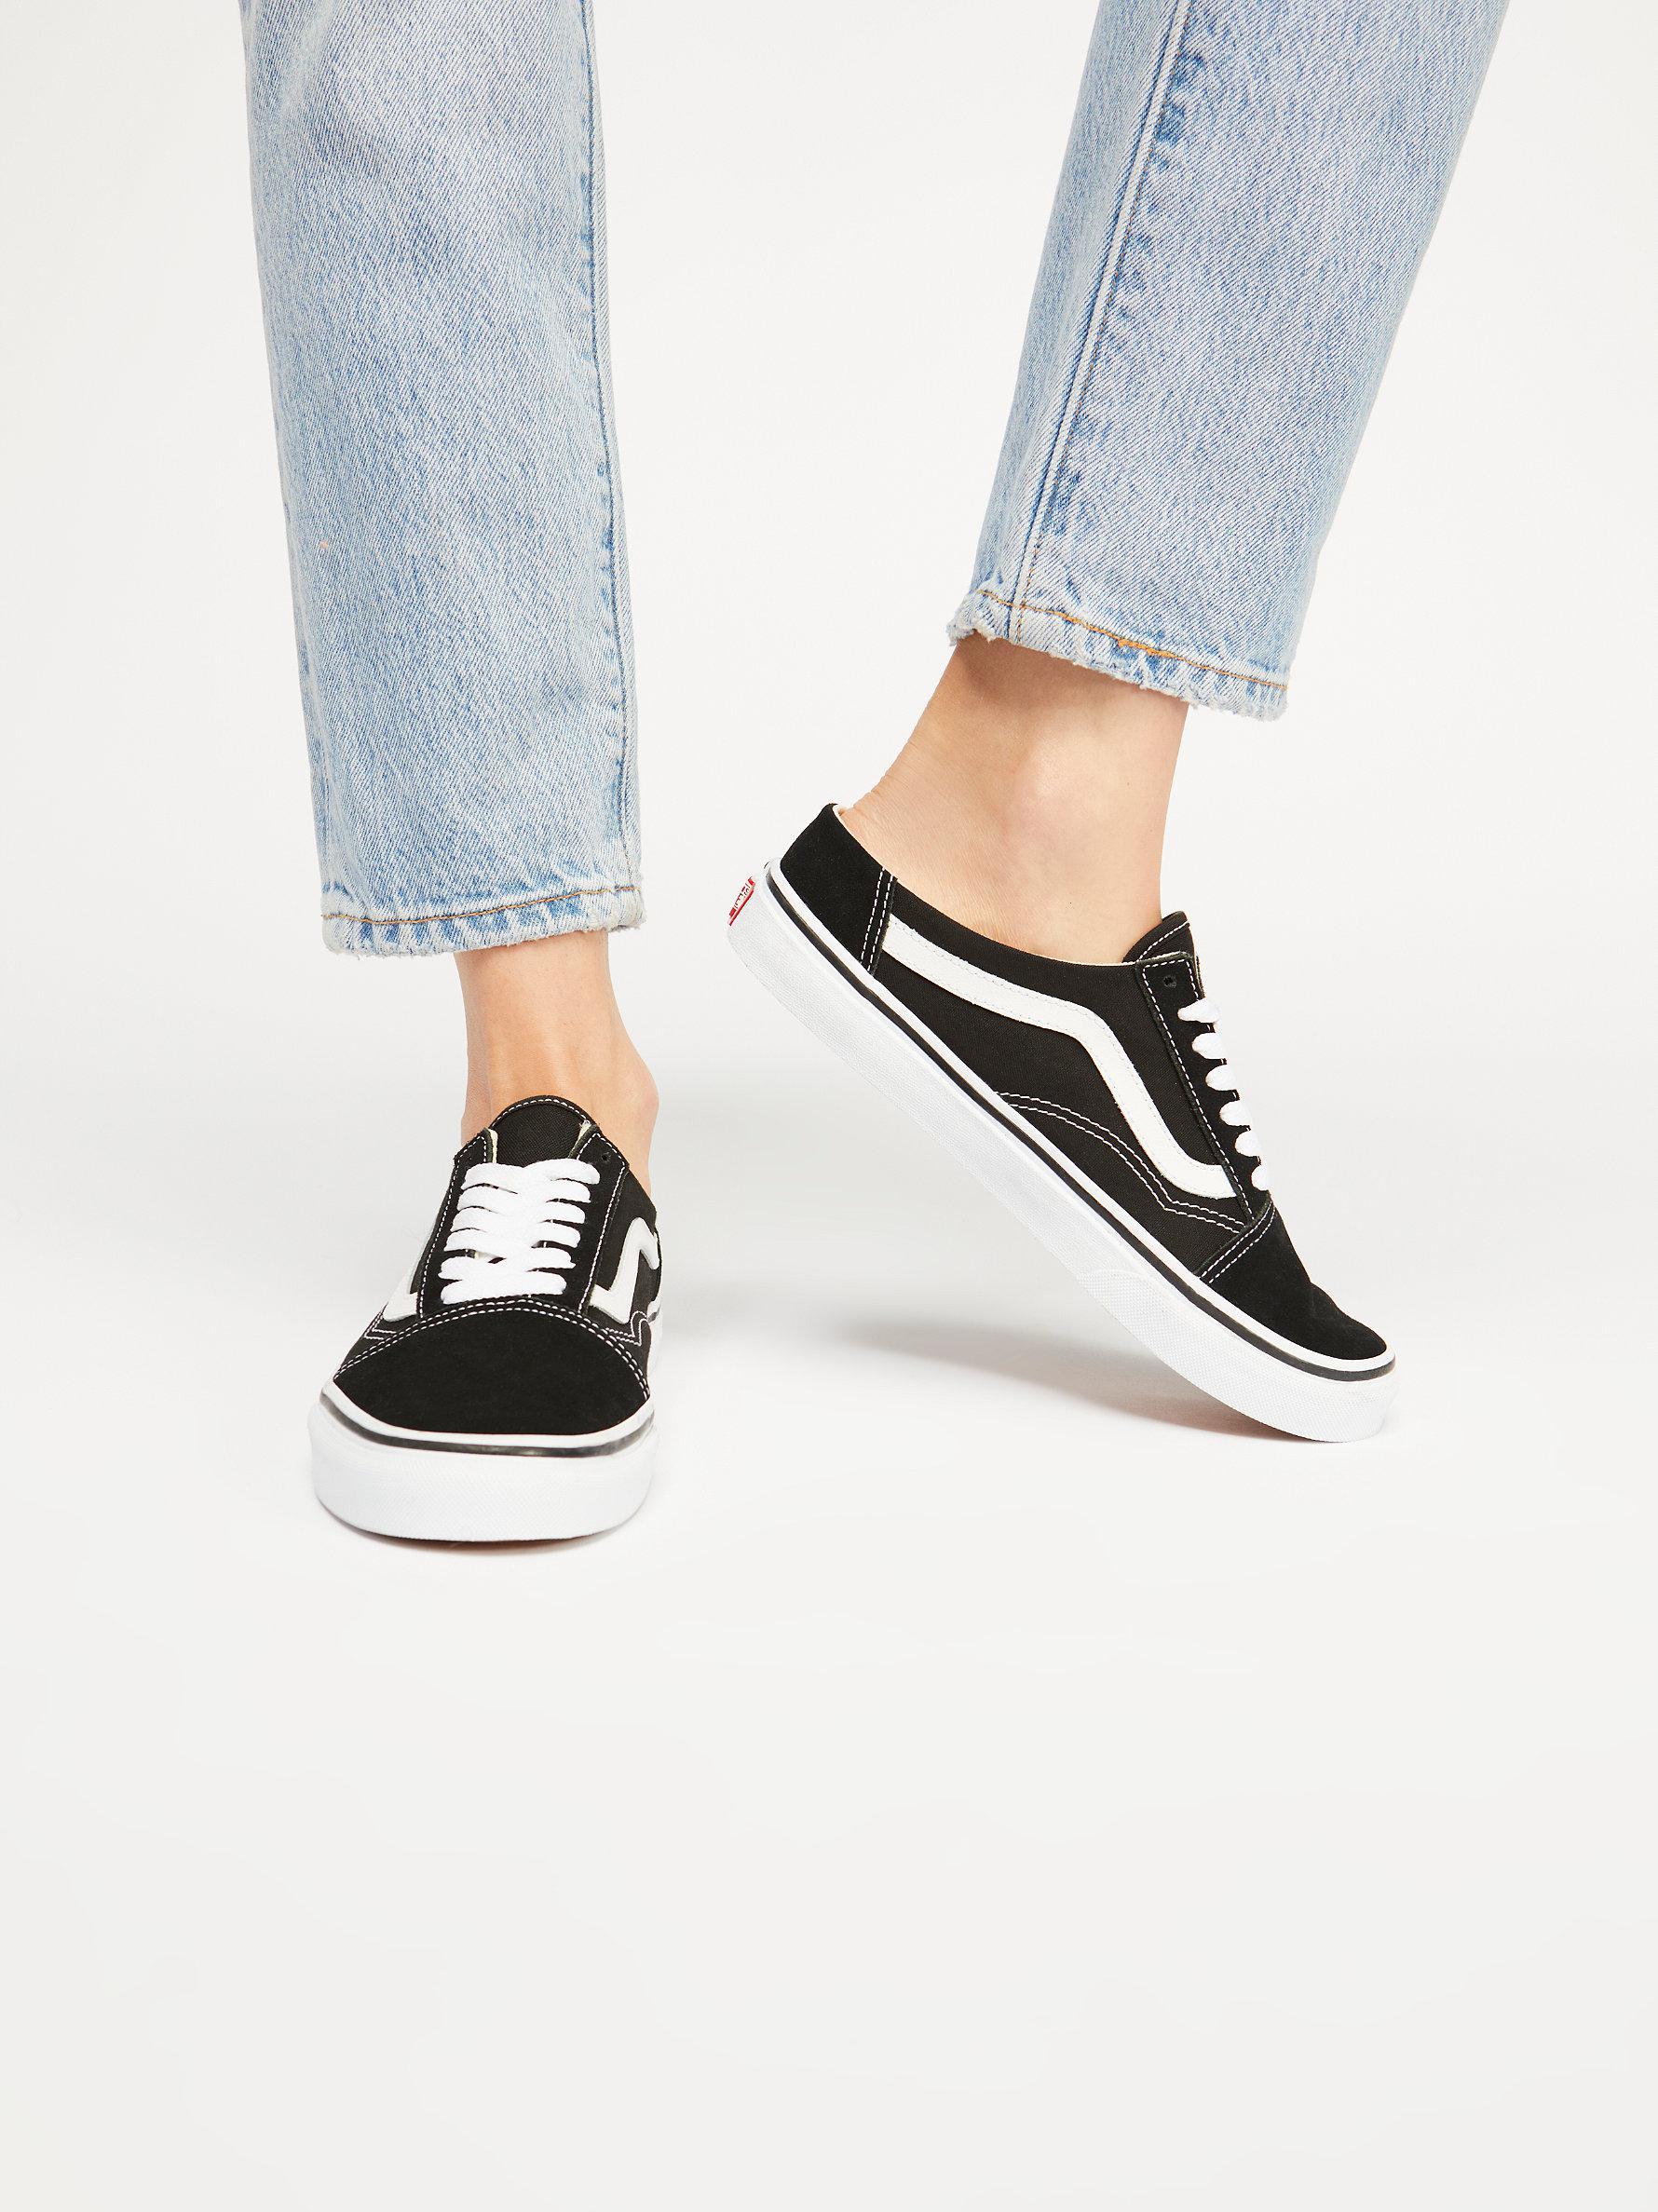 bf5fa86b796c Free People Old Skool Mule Sneaker in Black - Lyst